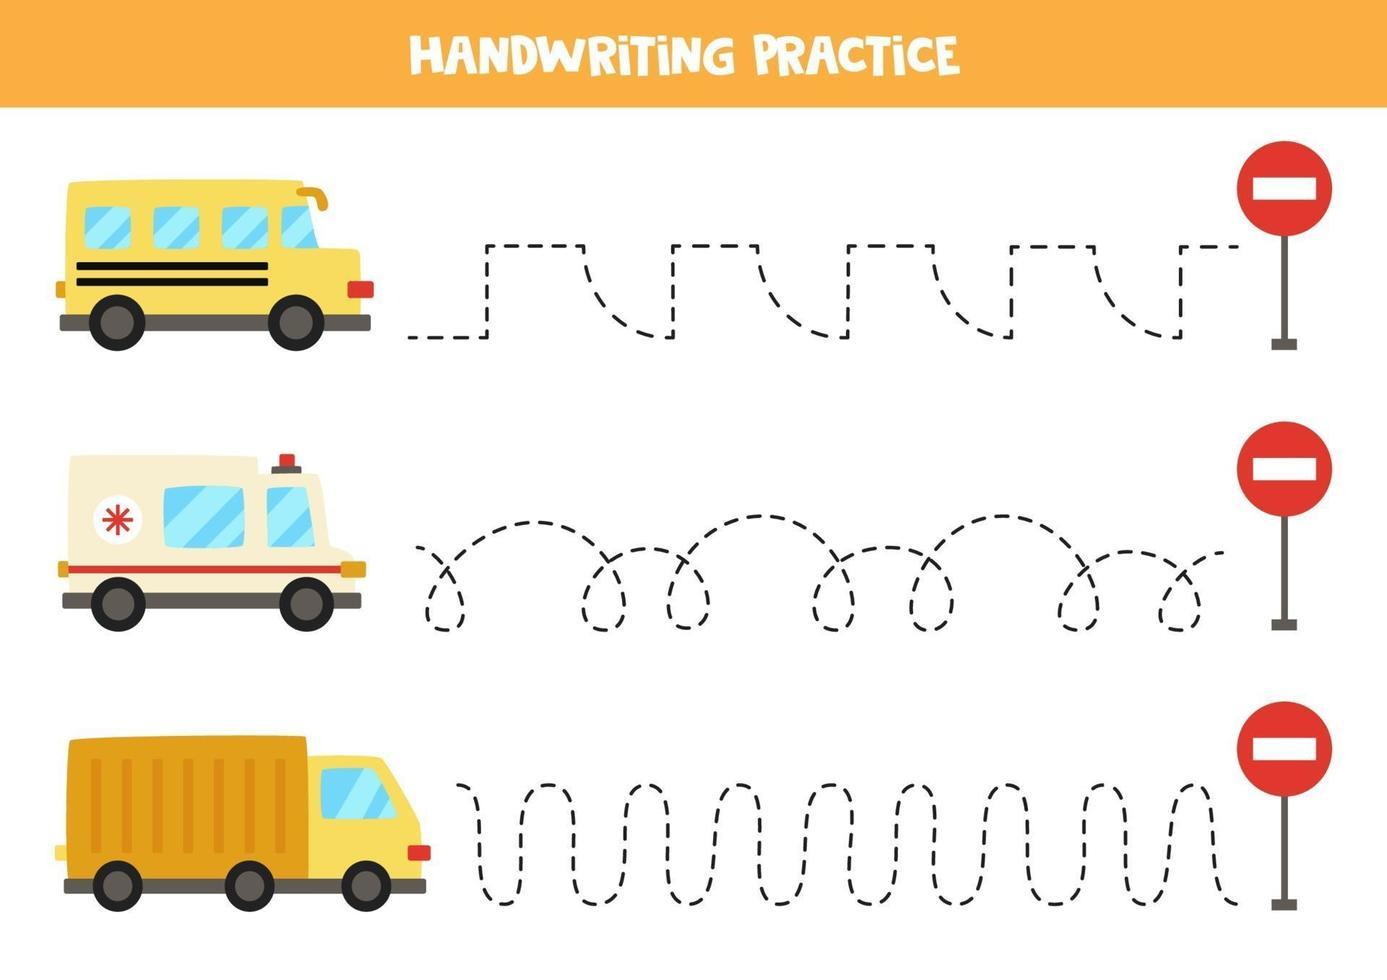 tracciare le linee con mezzi di trasporto. Pratica di scrittura. vettore